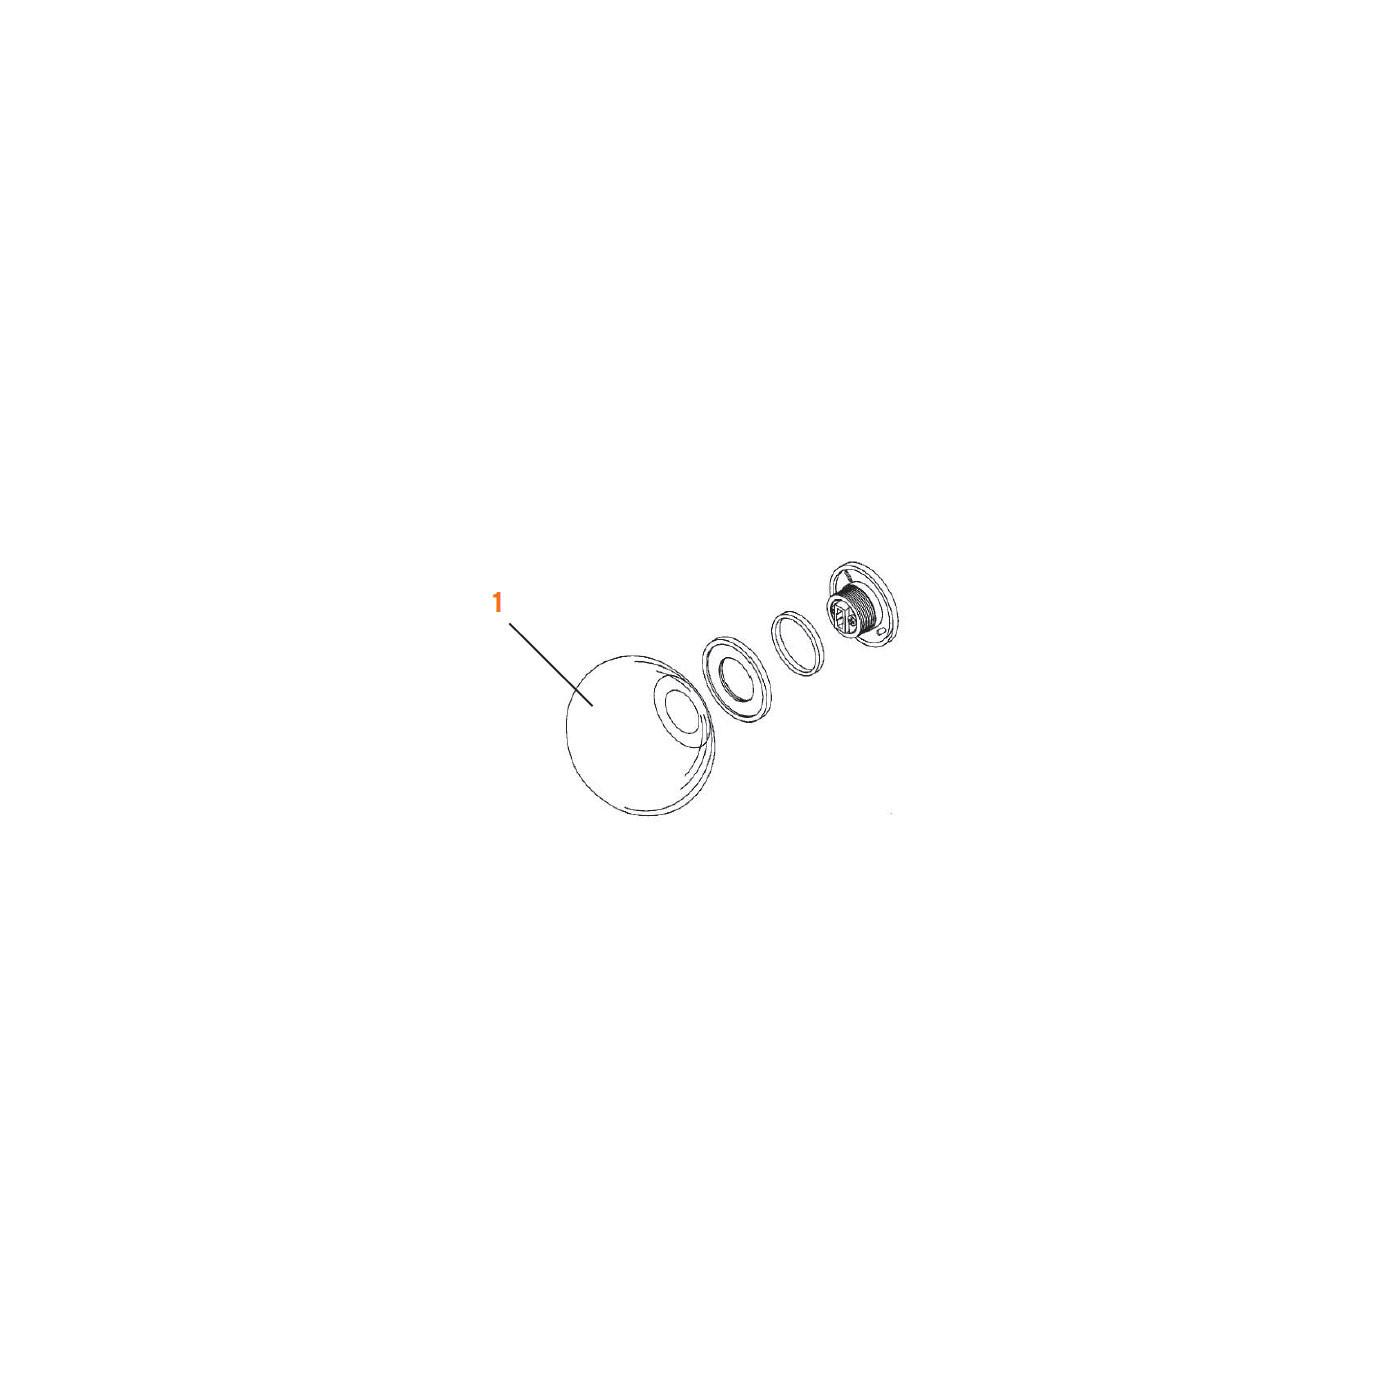 Flos Ersatzteile für Glo-Ball Mini C/W